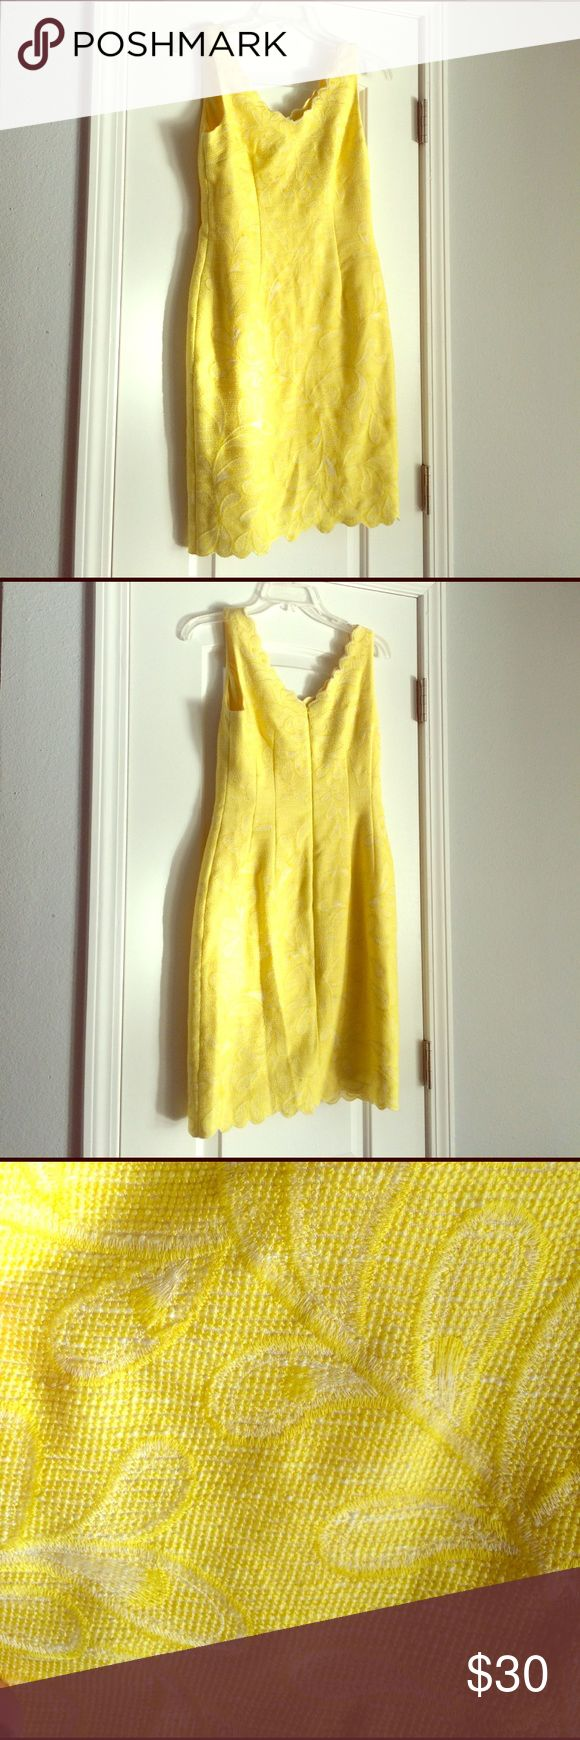 Antonio Melani Size 2 yellow cocktail dress Yellow cocktail dress Size 2 ANTONIO MELANI Dresses